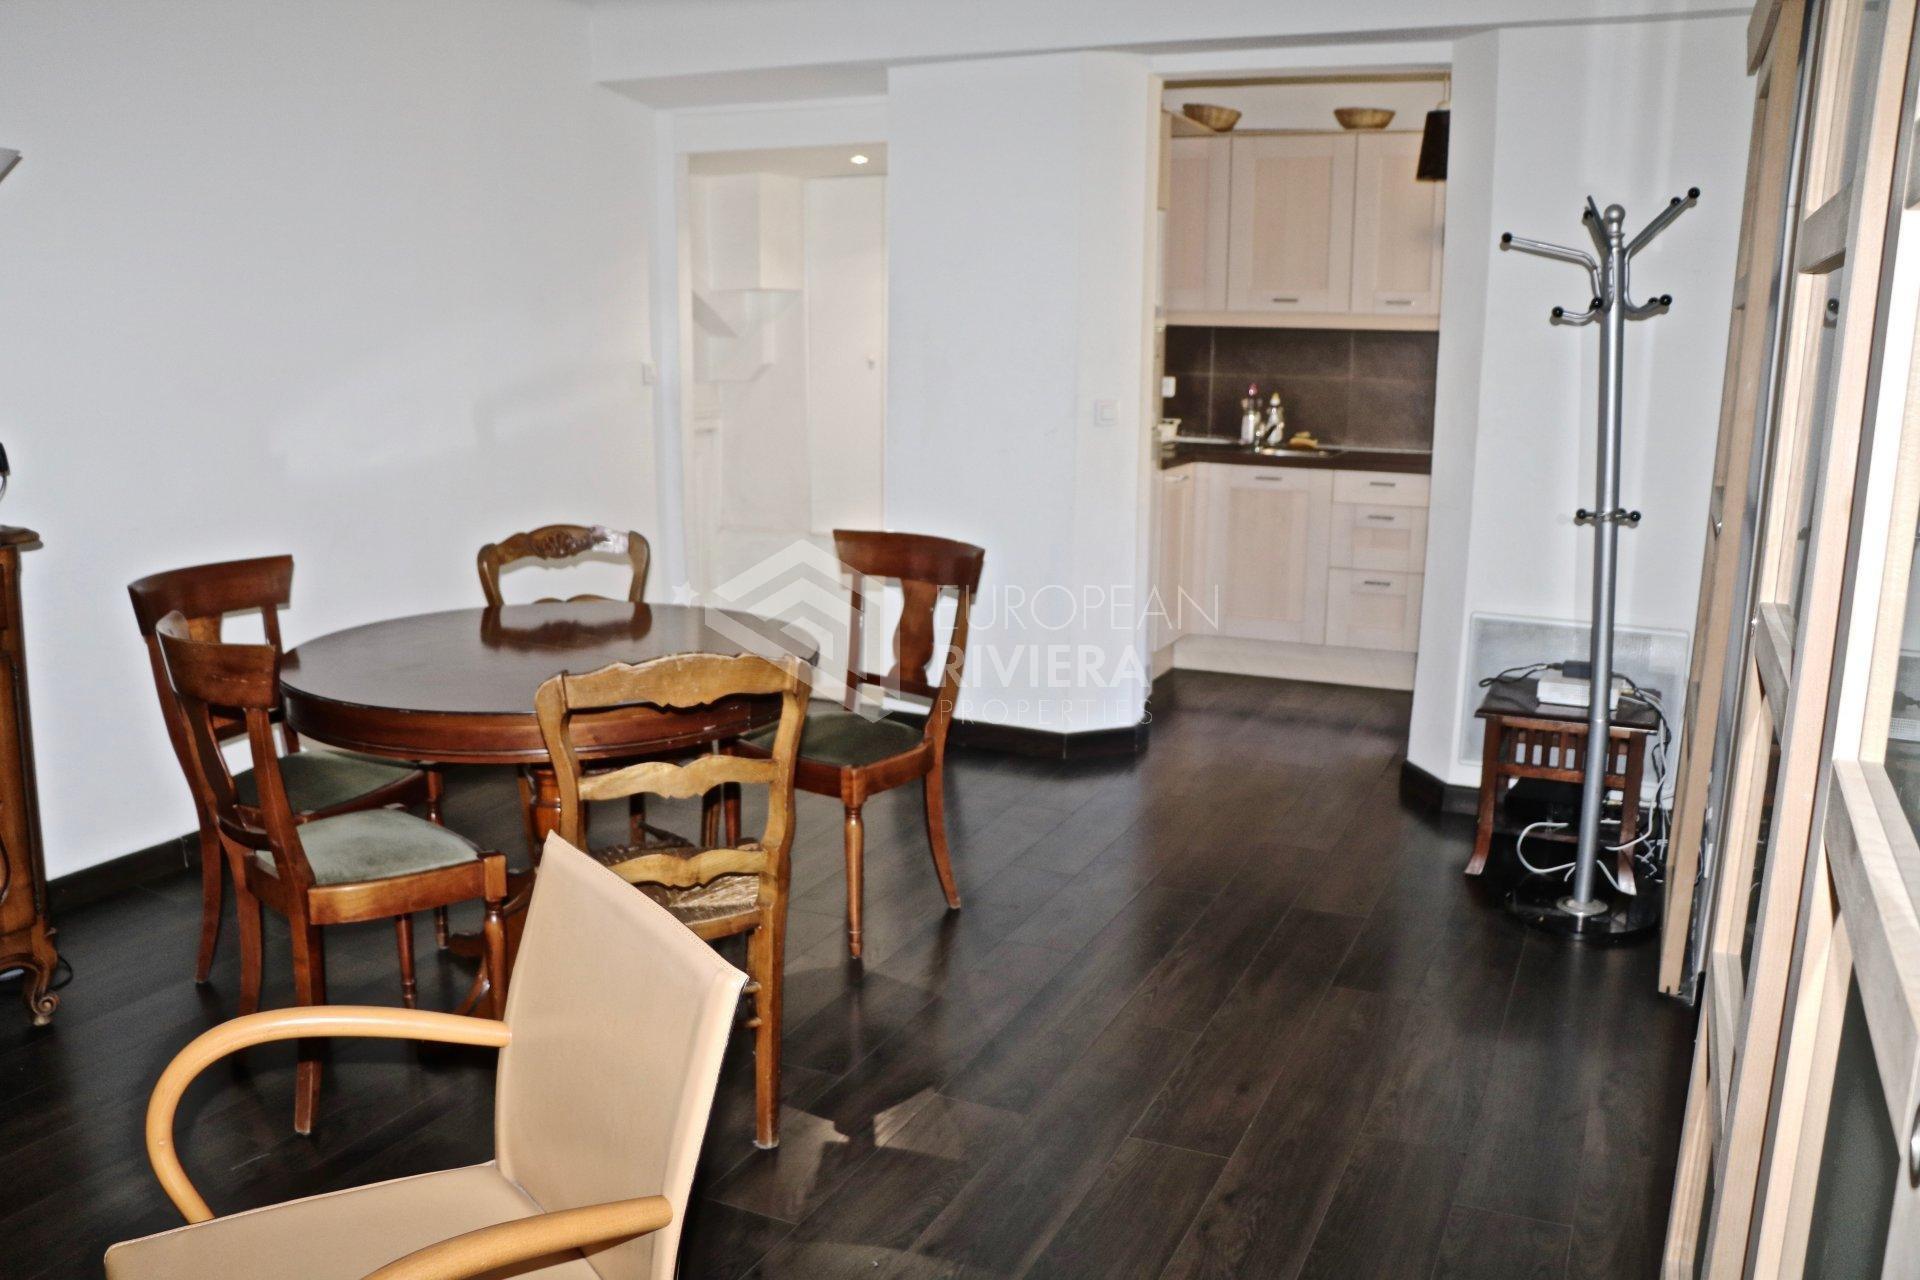 Affitto Appartamento - Nizza (Nice) Place Masséna